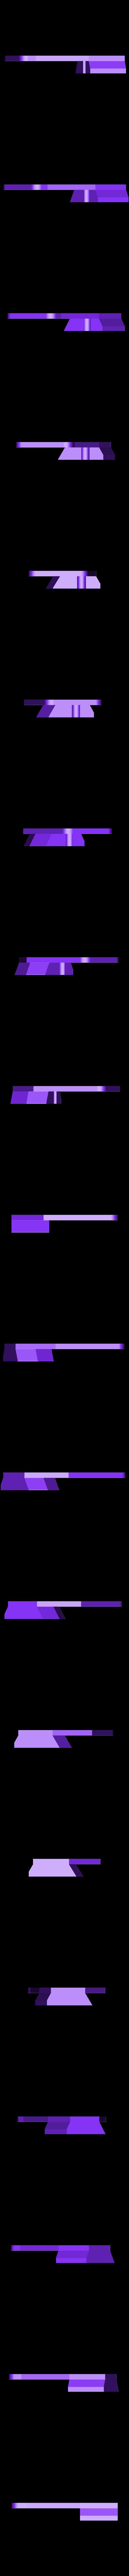 hemera mount - hemera mount.stl Télécharger fichier STL gratuit support à changement rapide pour e3d hemera et ventilateur de refroidissement de 60 mm • Design pour impression 3D, madewithlinux